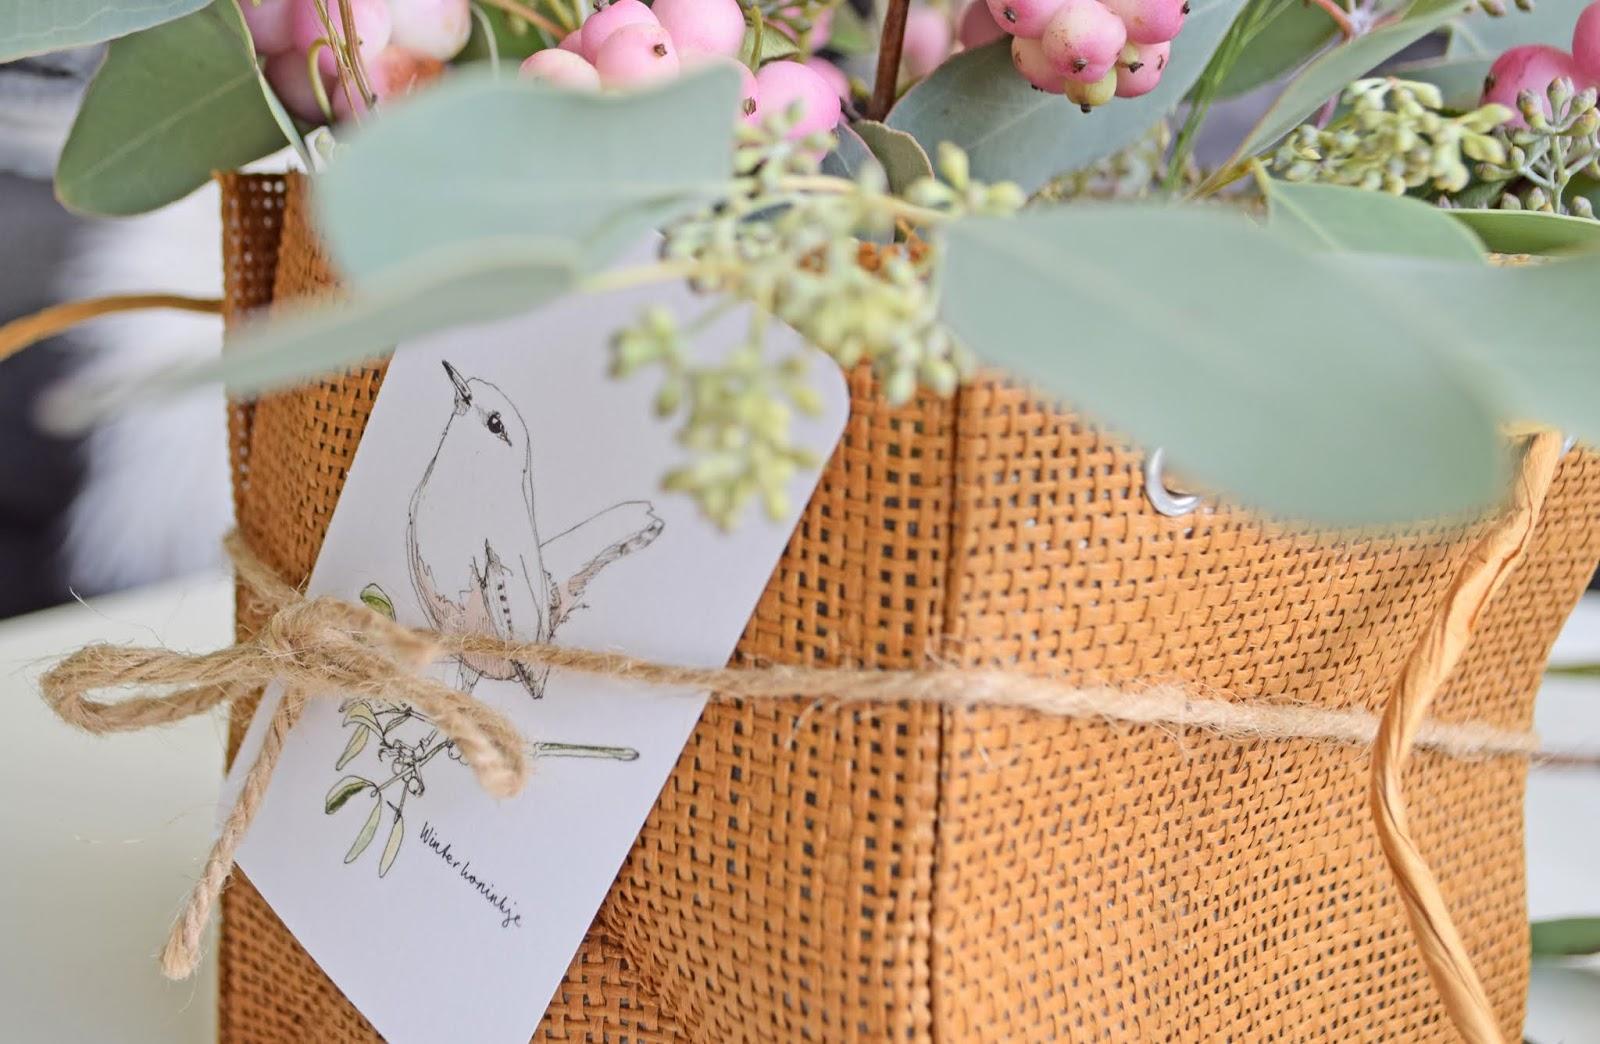 Jak zrobić koszyk z kwiatami?